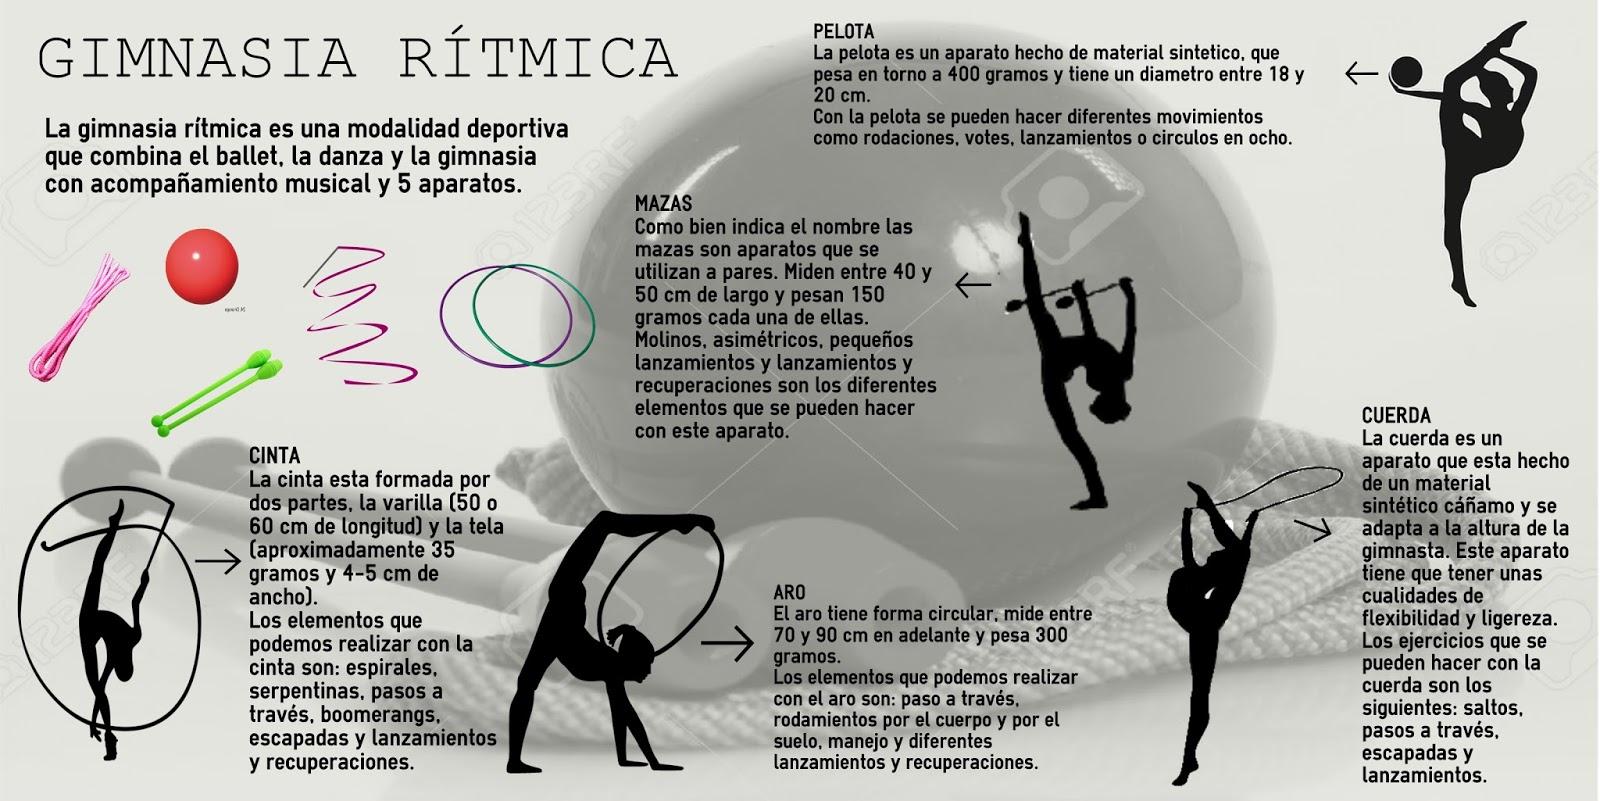 Mendillorri piztuz aparatos de gimnasia r tmica for Gimnasia con aparatos